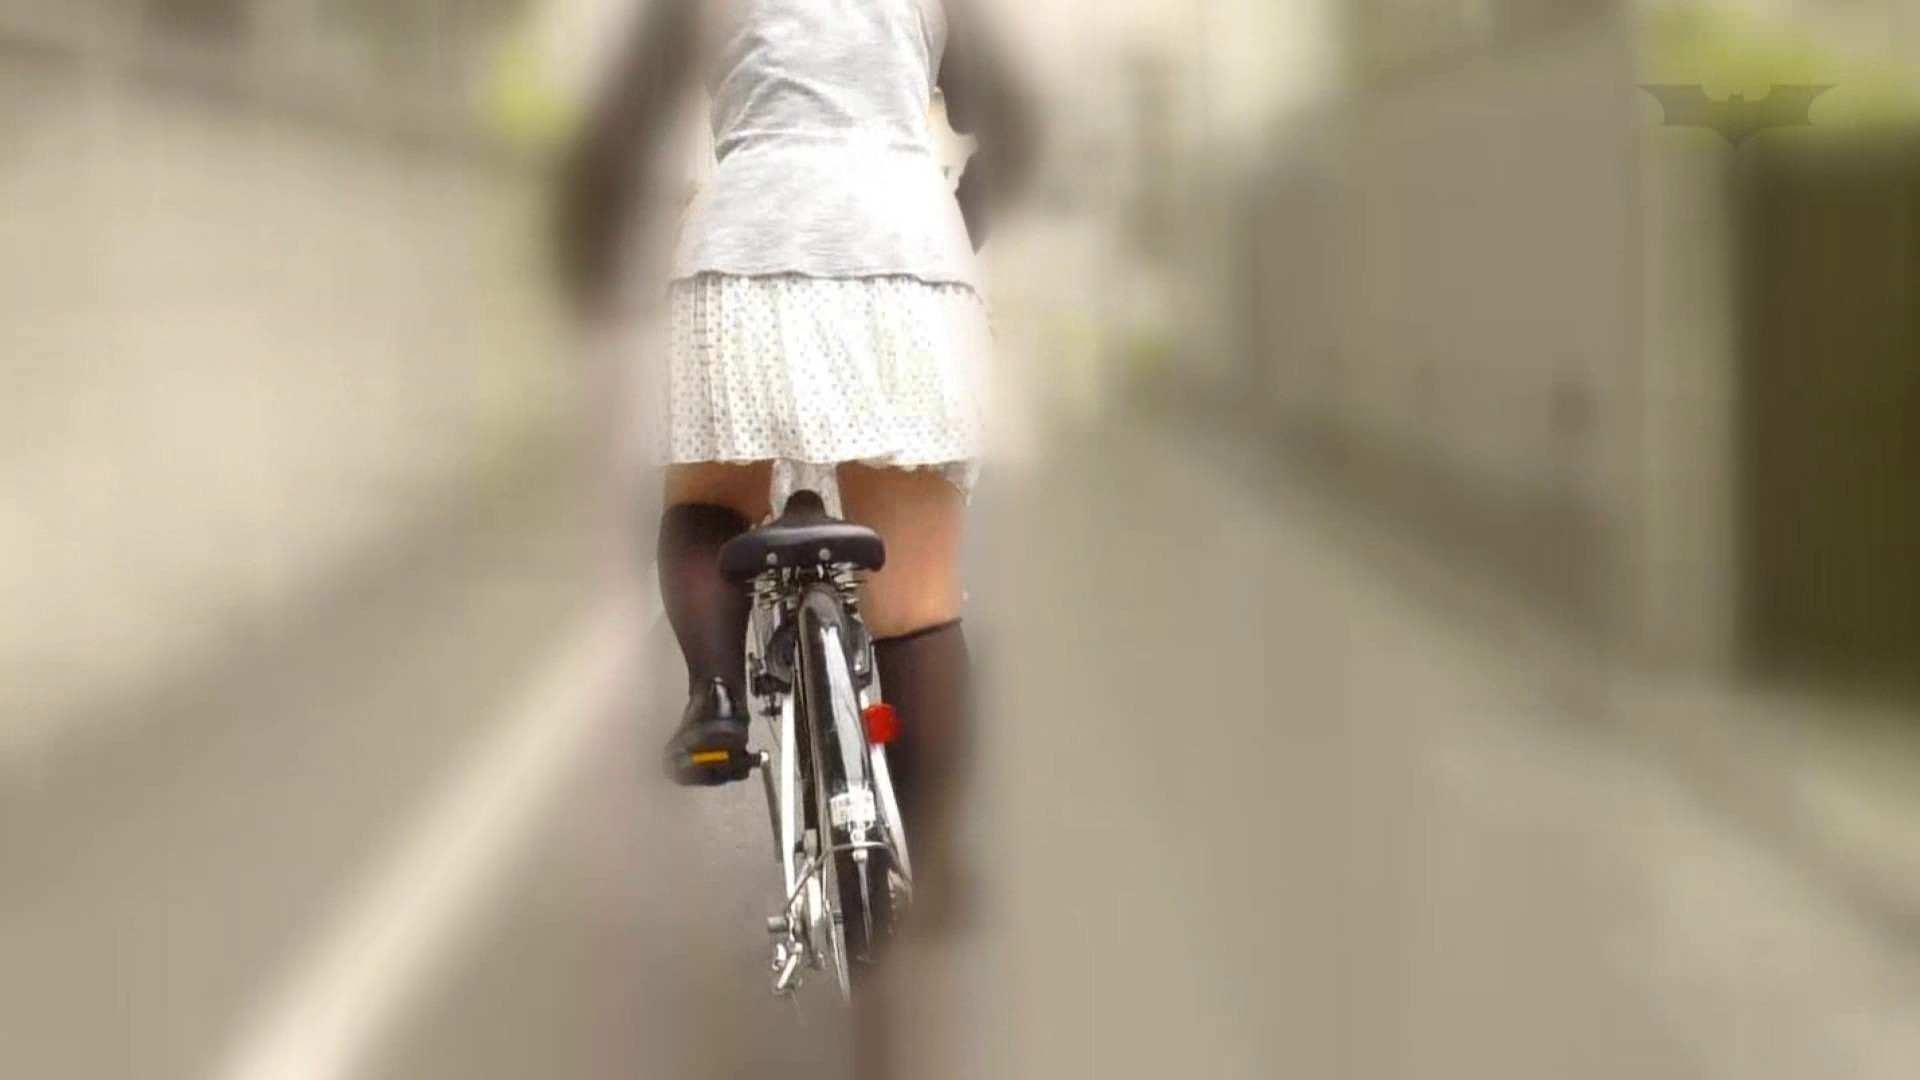 自転車パンチラ Vol.06 車 SEX無修正画像 86pic 34